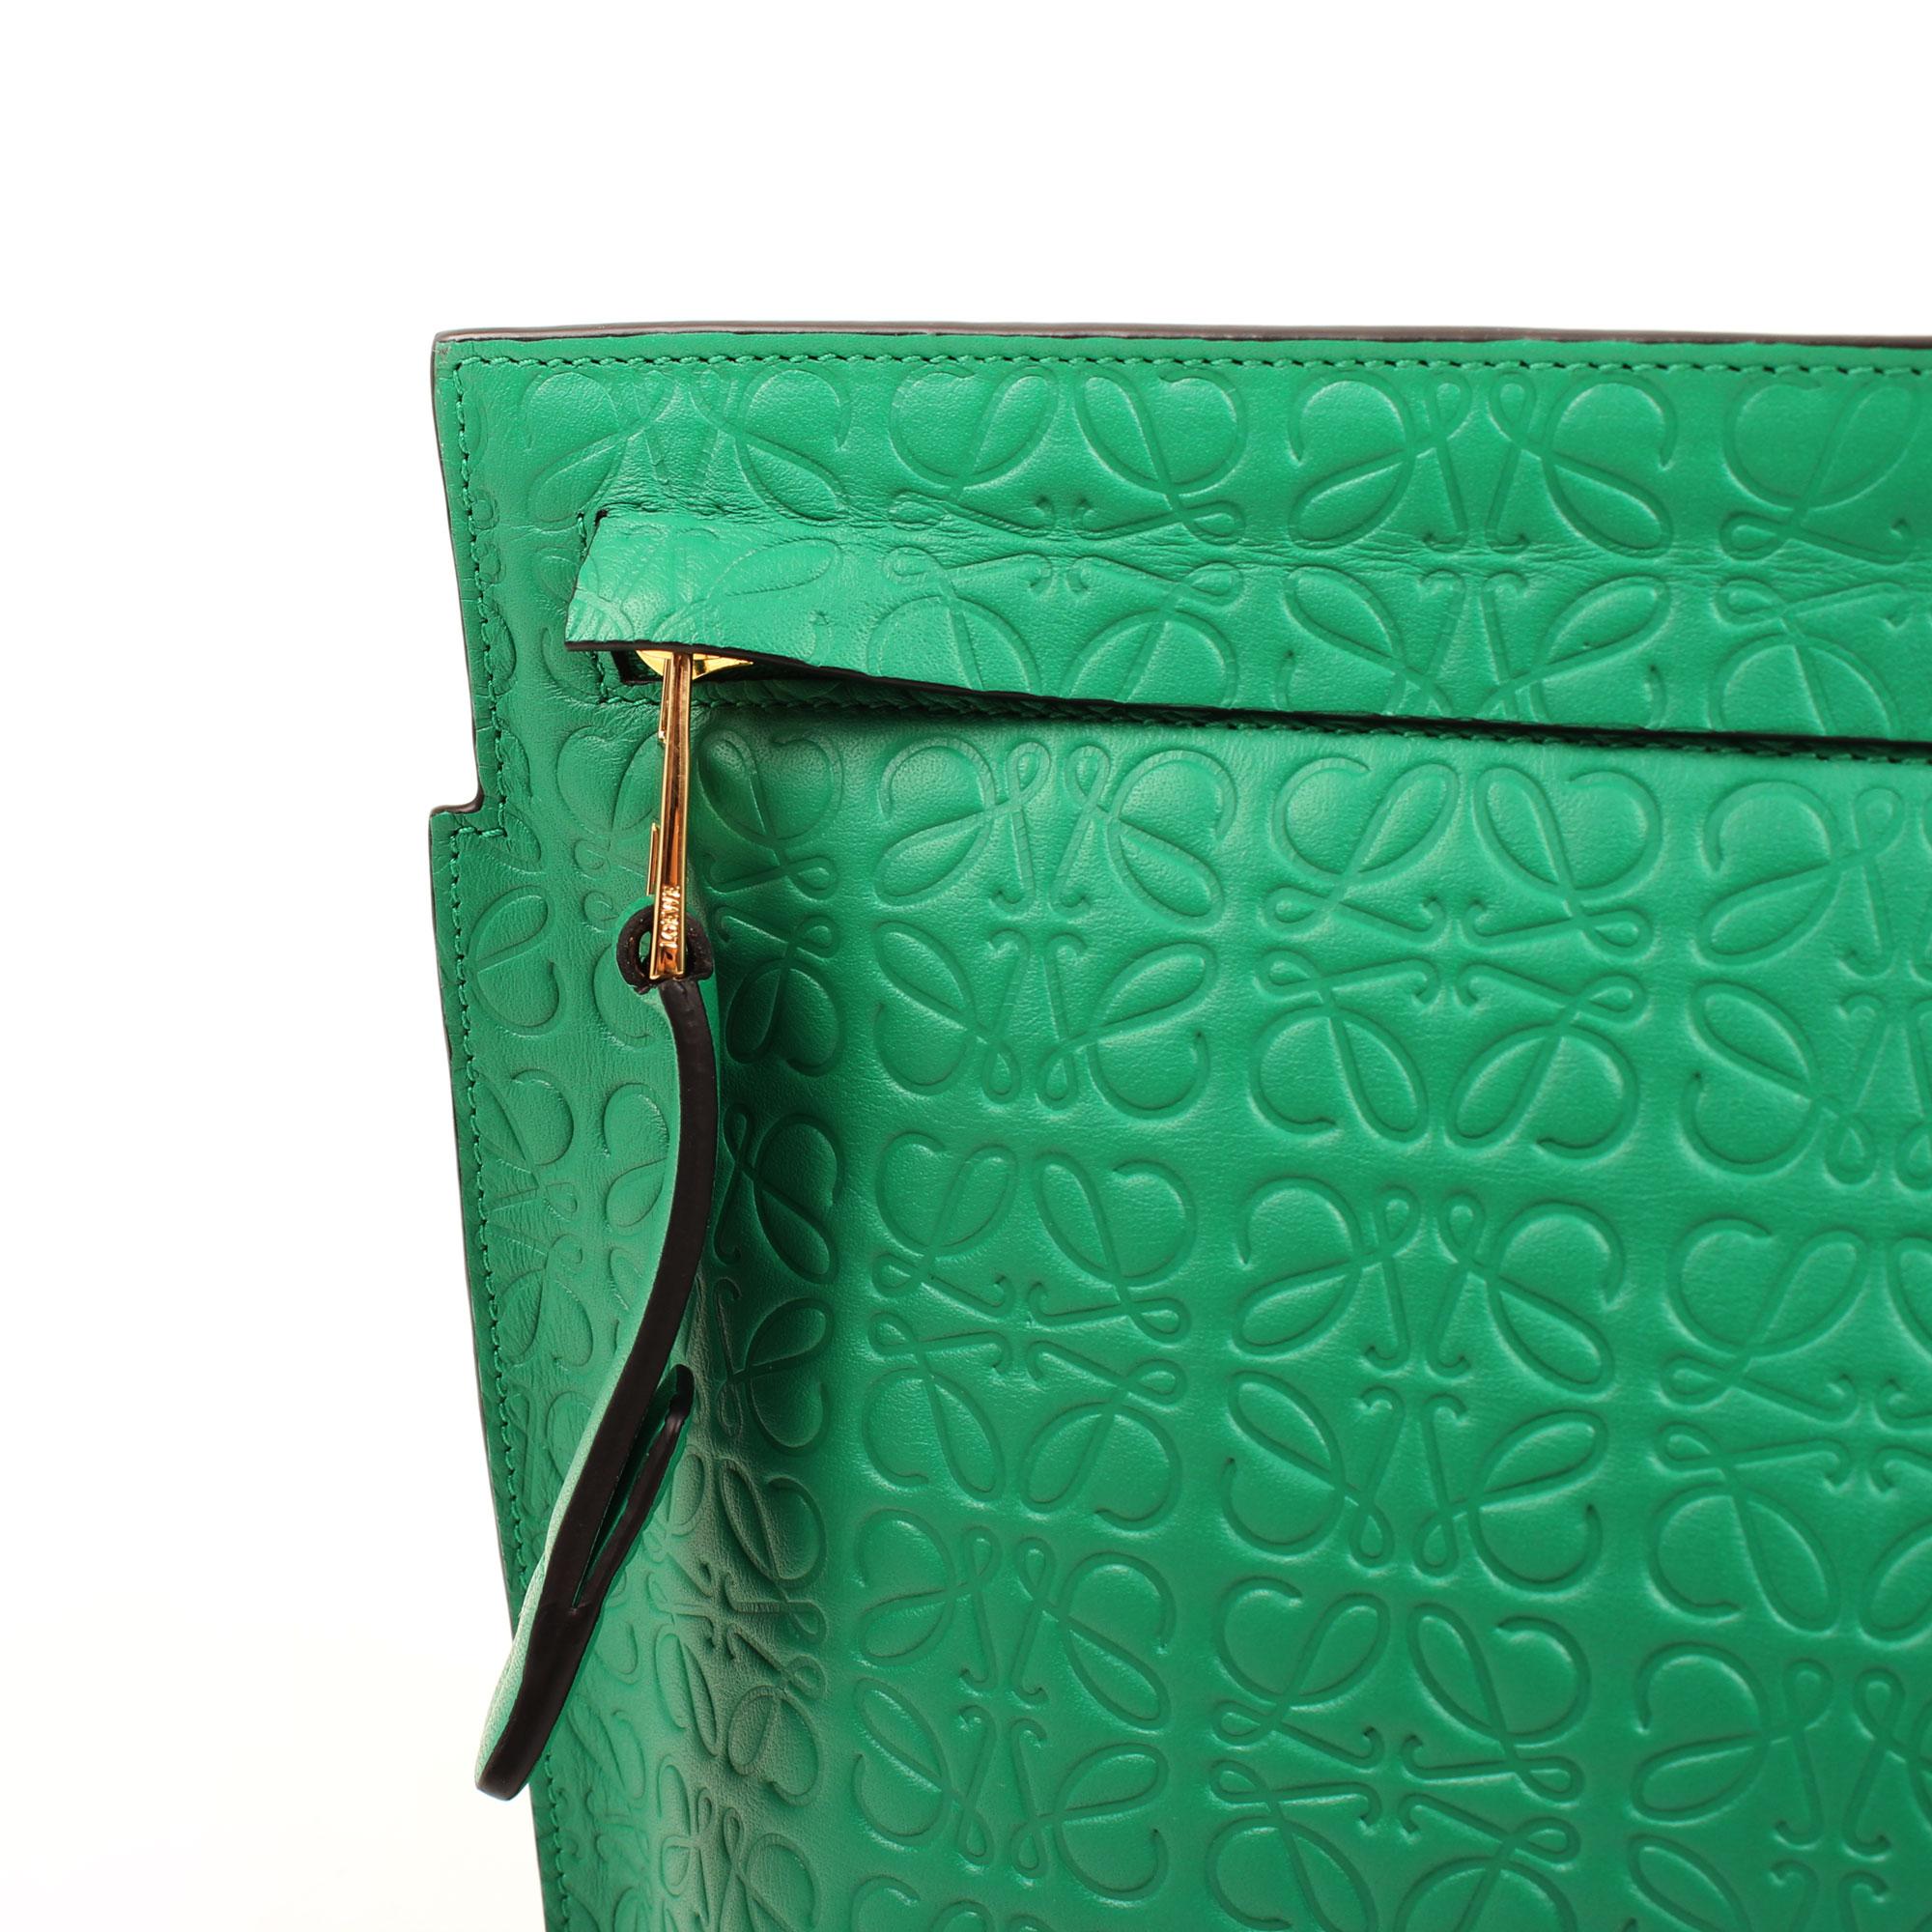 Imagen de detalle del herraje del bolso clutch loewe t pouch verde embossed